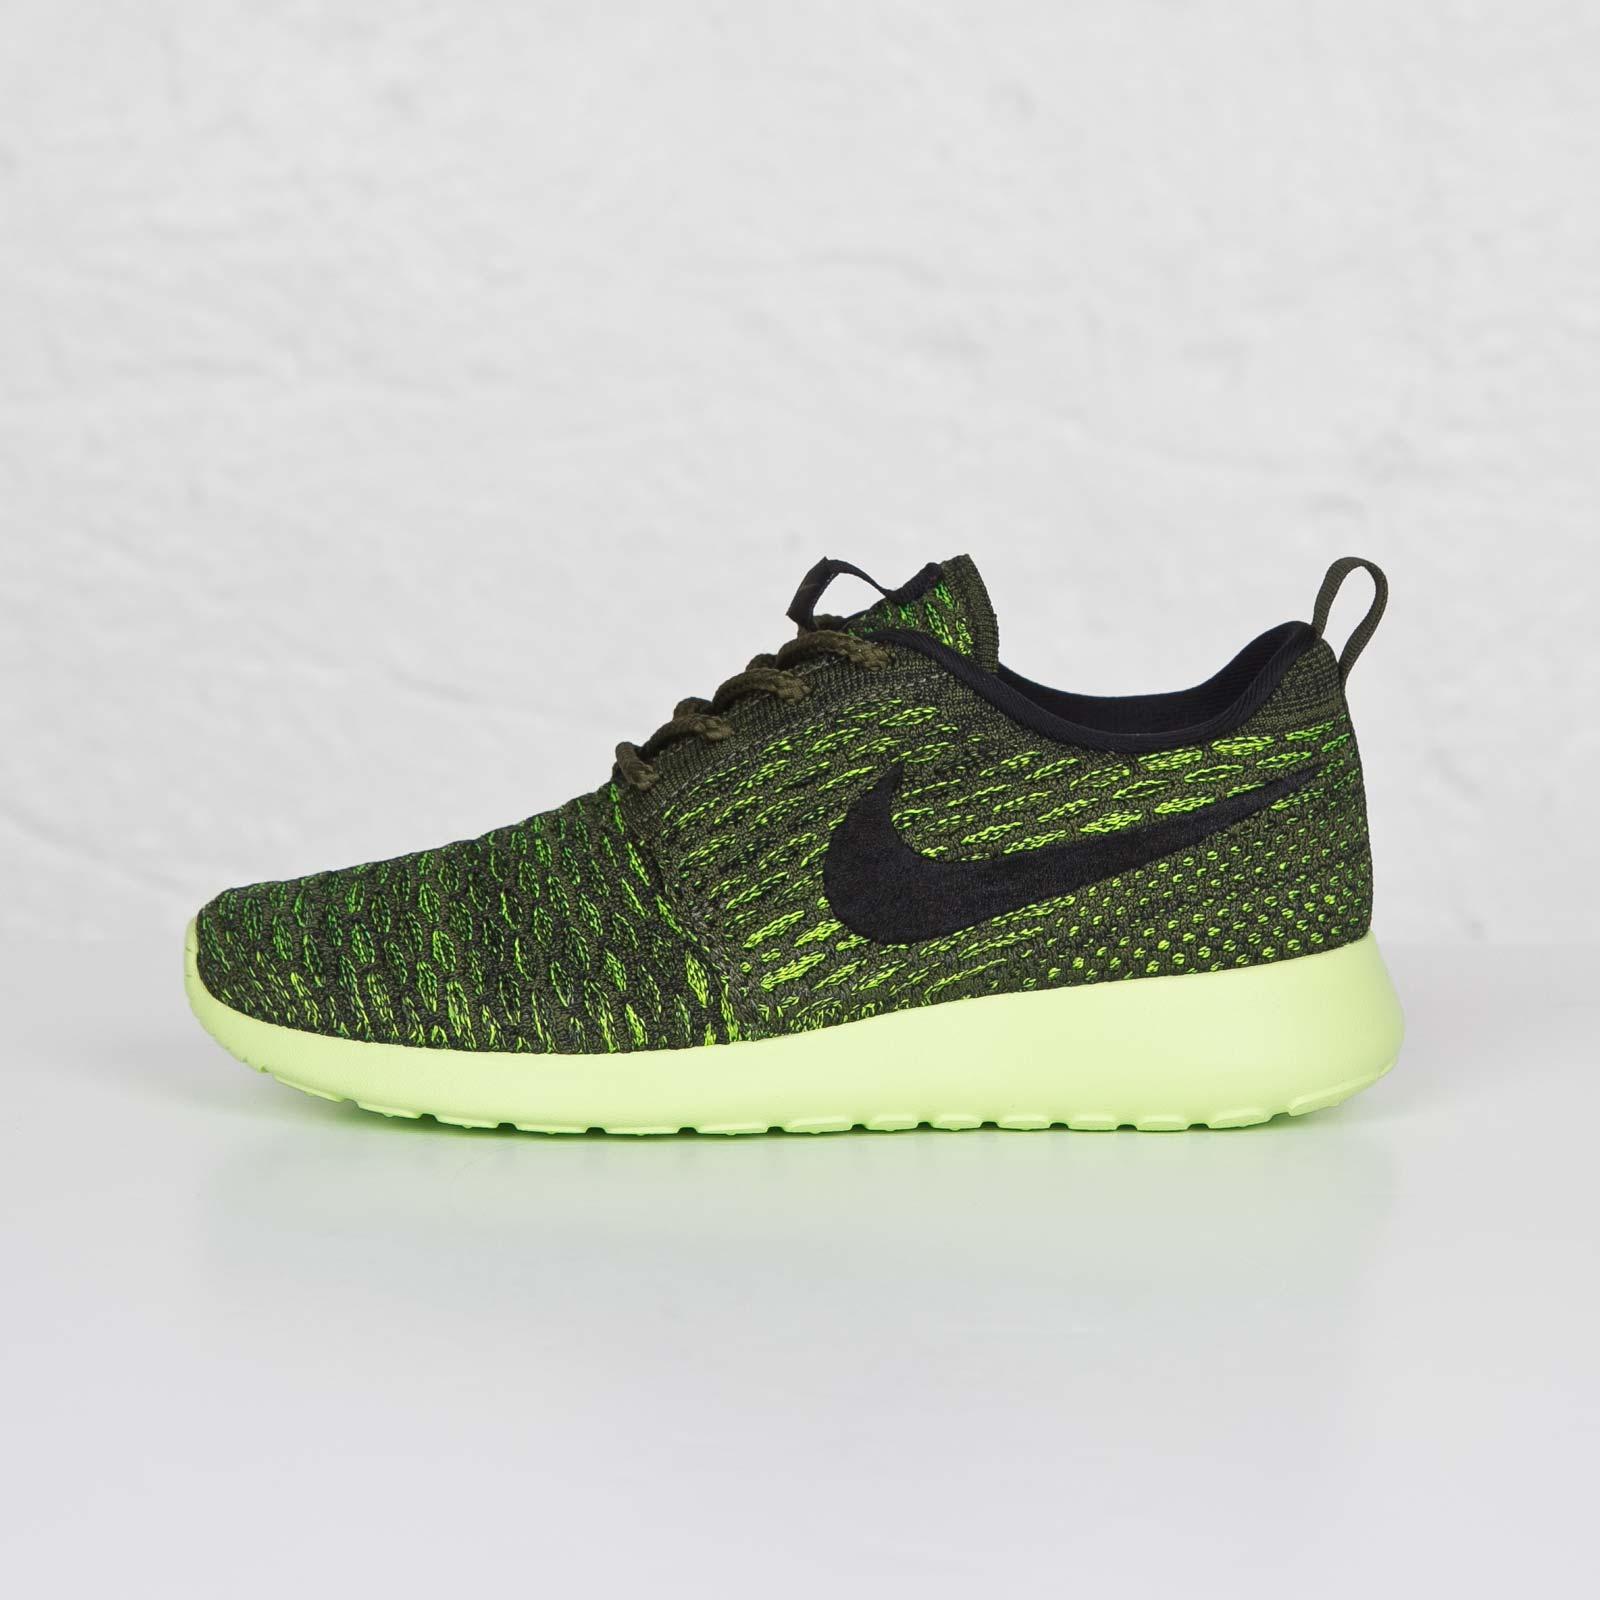 half off 07664 4a0bd Nike Wmns Roshe One Flyknit - 704927-301 - Sneakersnstuff   sneakers   streetwear  online since 1999